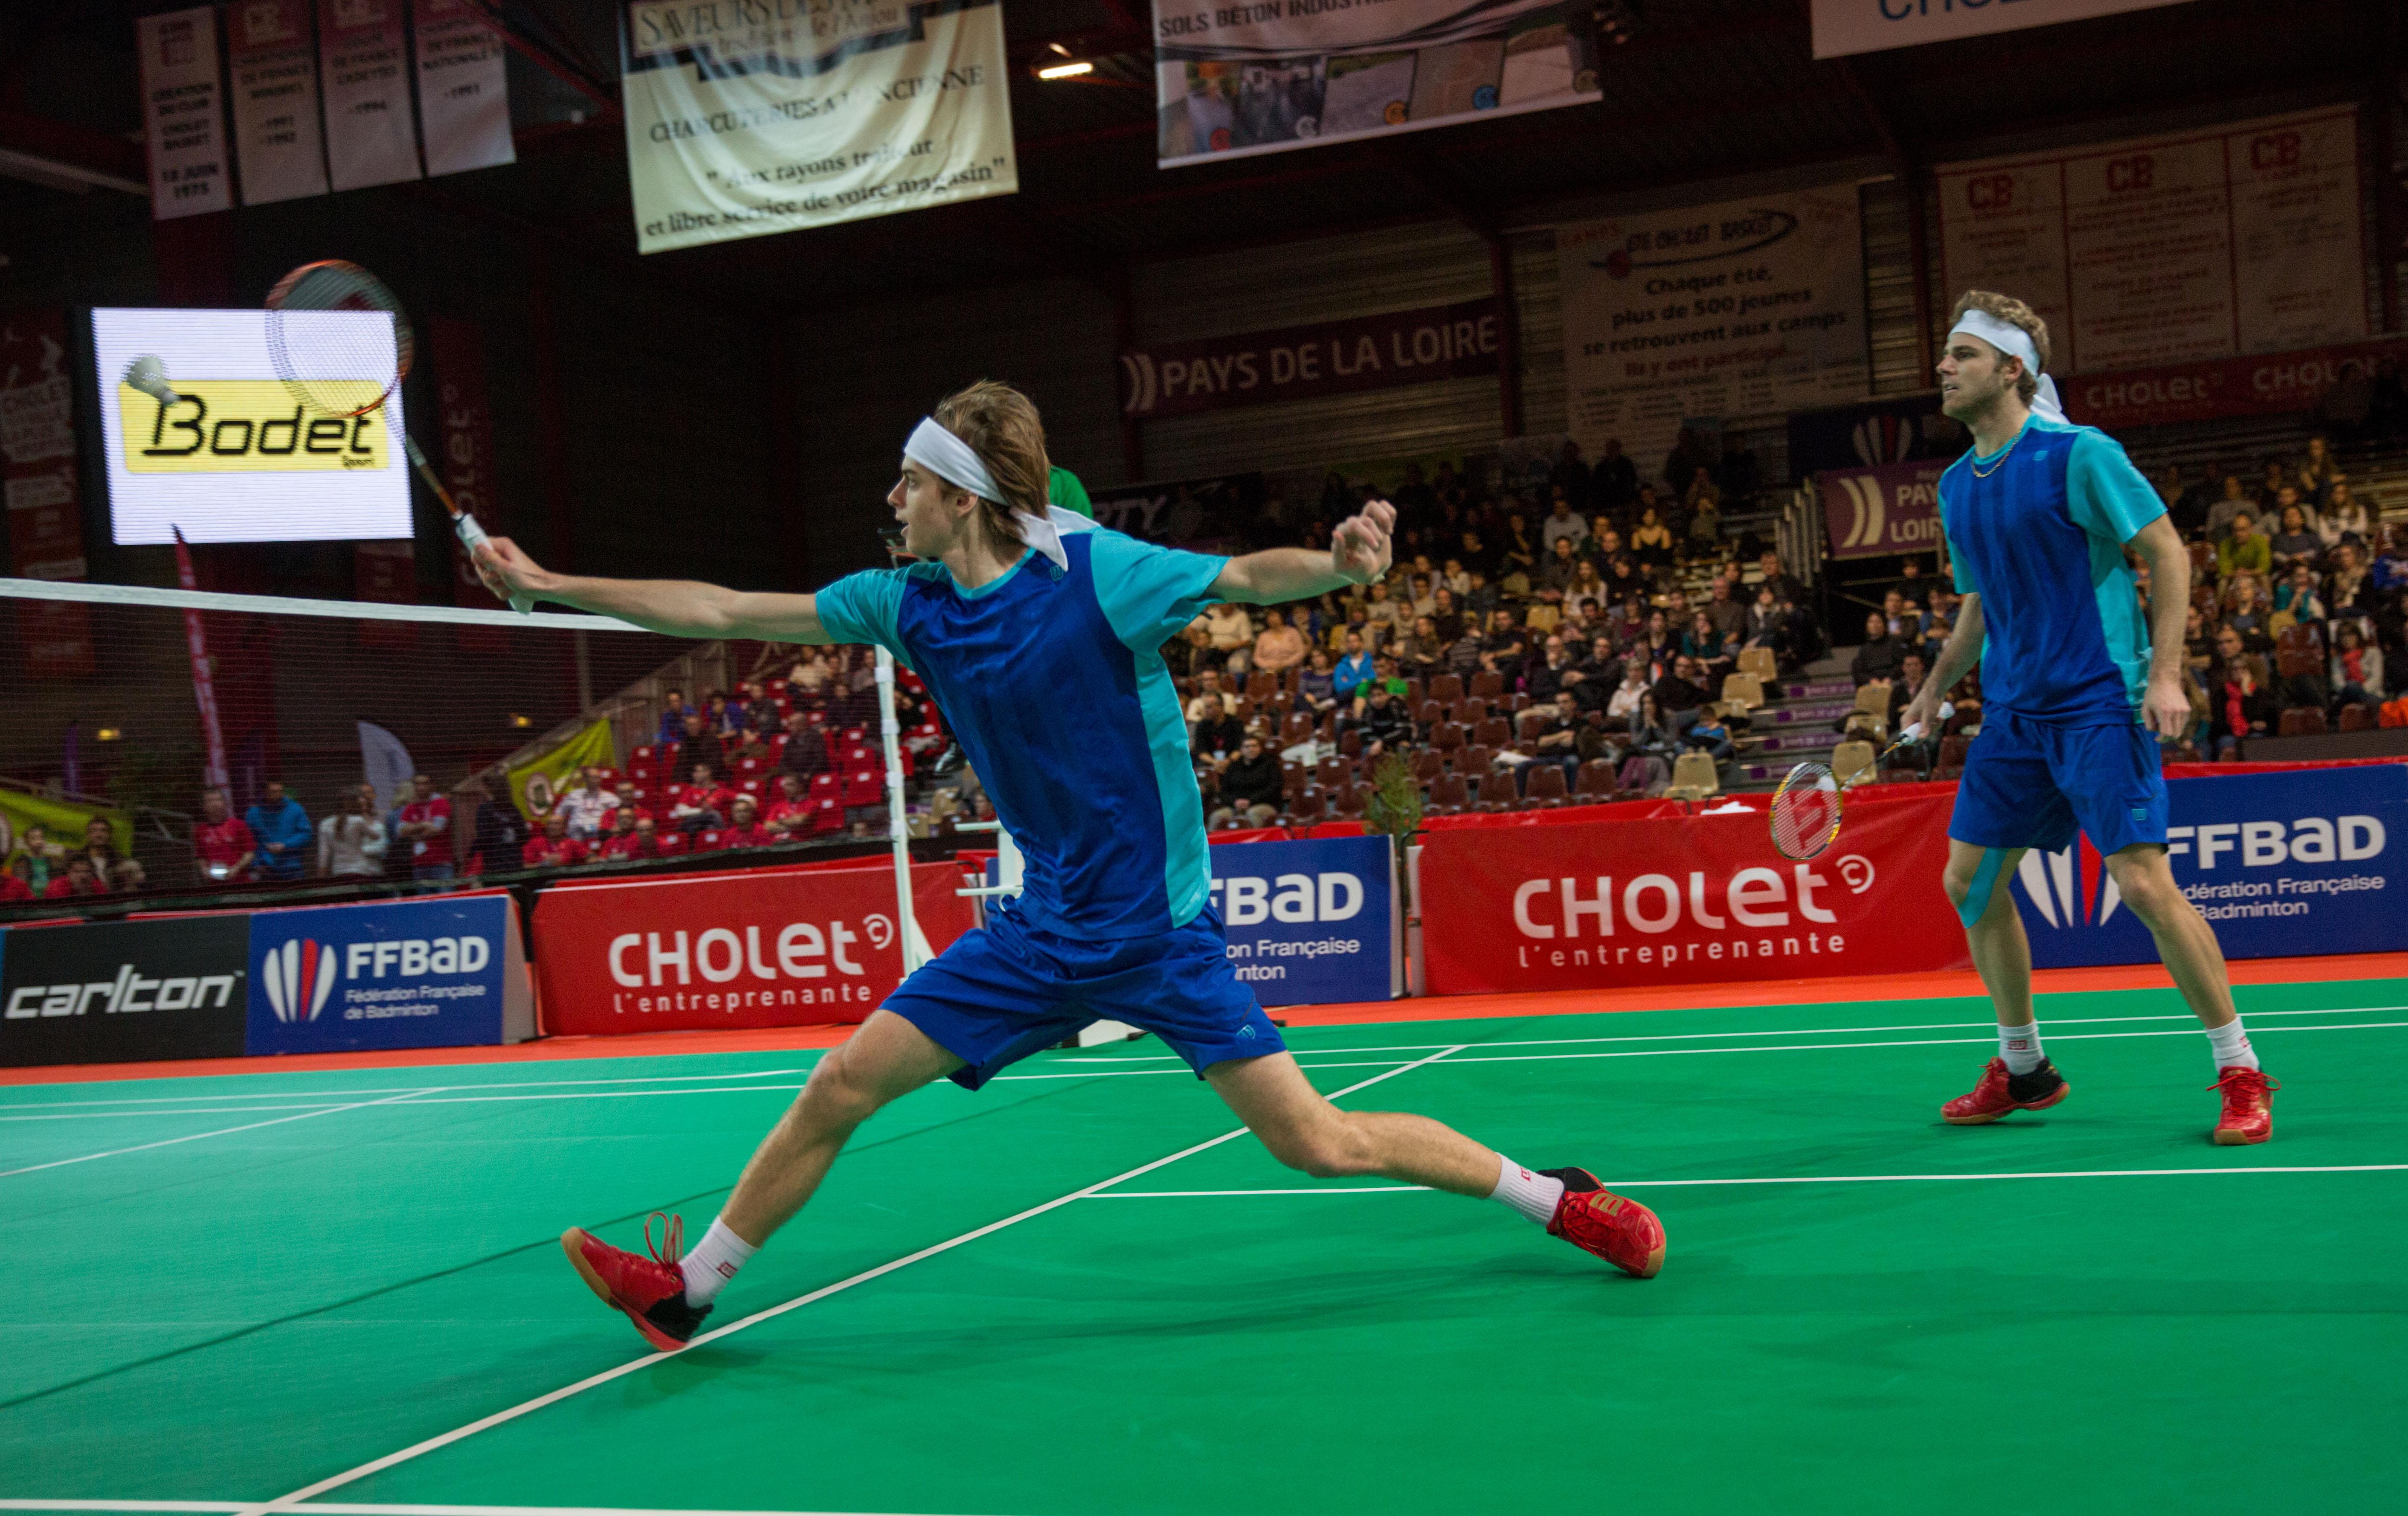 CHOLET La-meilleraie Championnats badminton 2014 BT7000 11